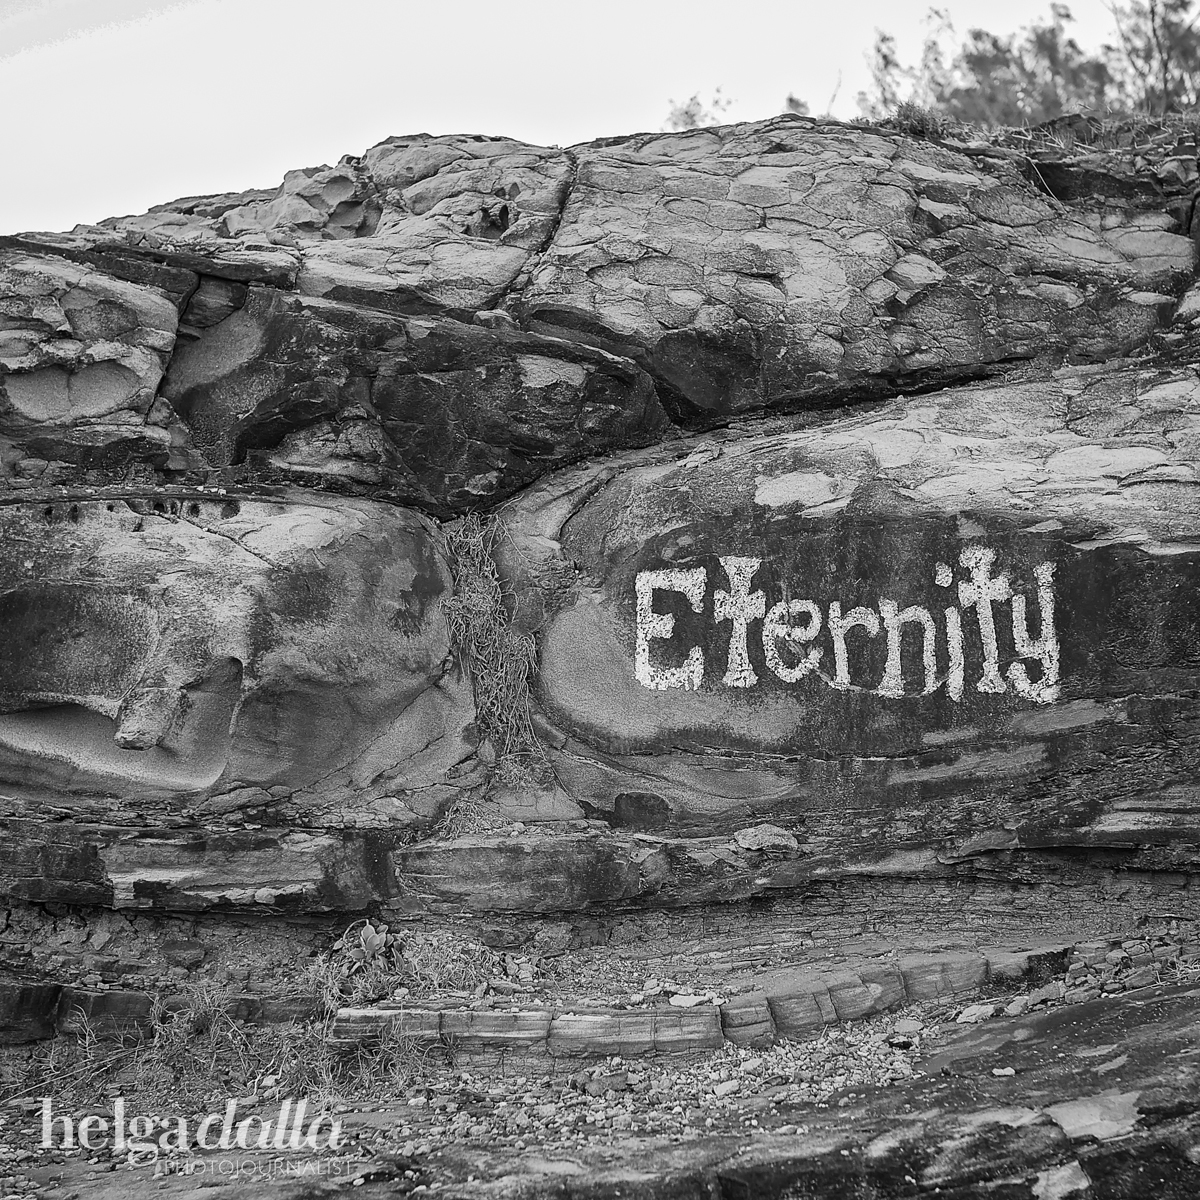 160513 - Day 134 Eternity-1 wm